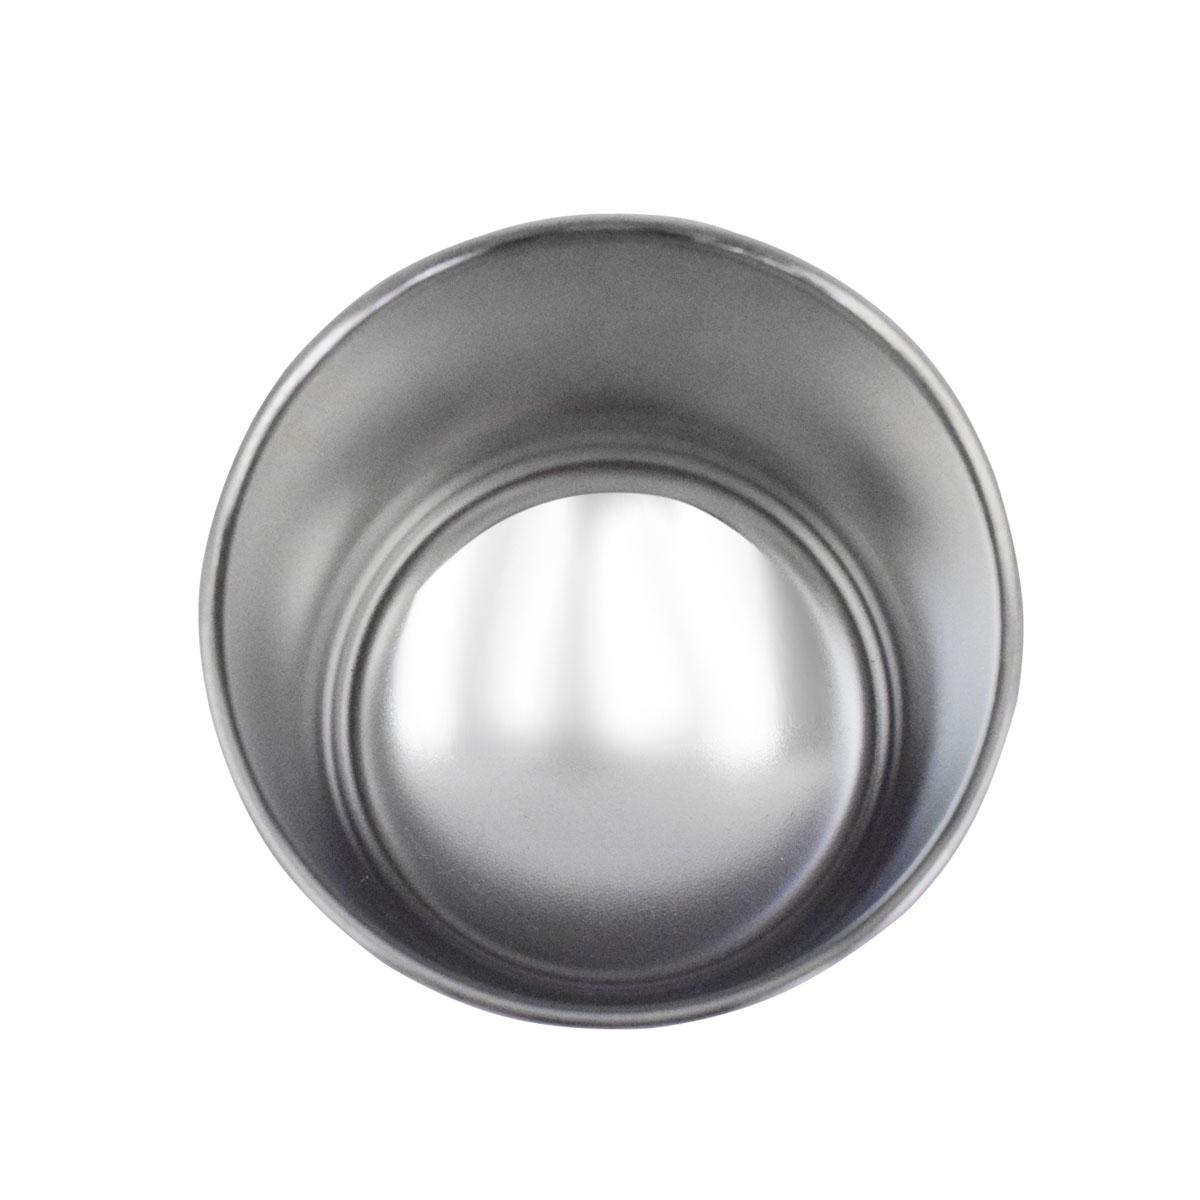 サーモス 真空断熱カップ 360ml JDH-360C